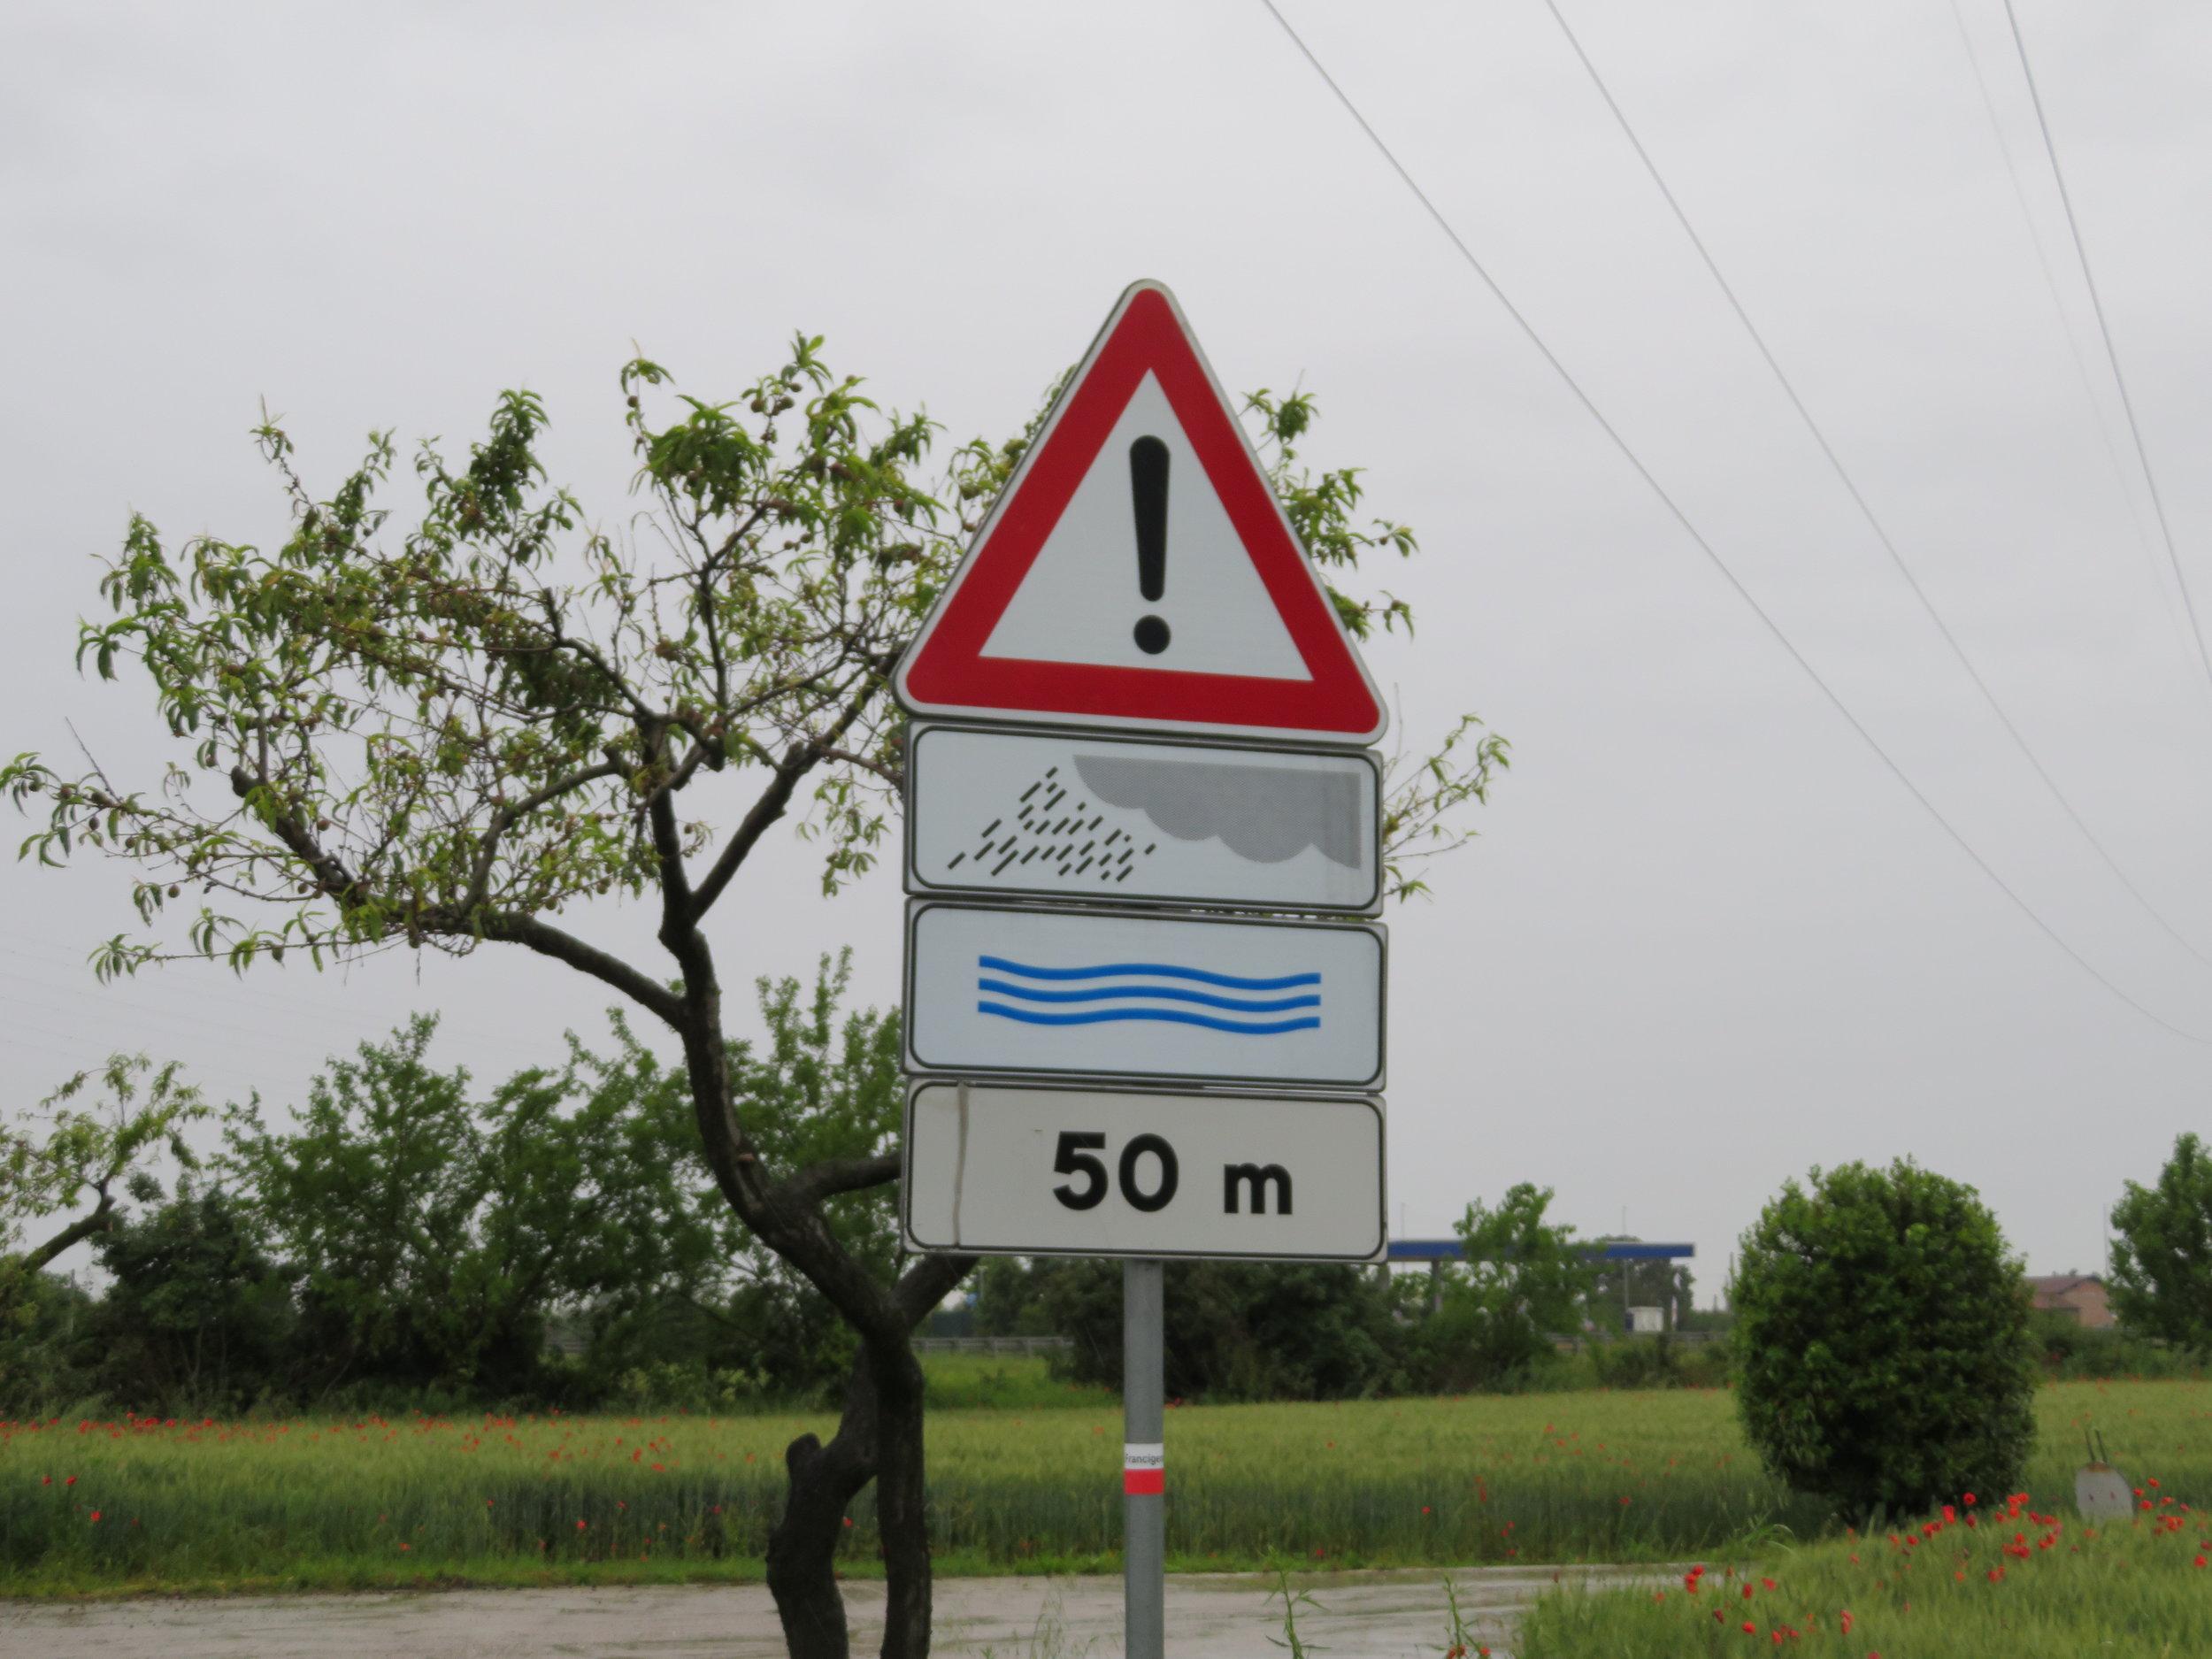 fiorenz-piacenza_caution flooding.JPG